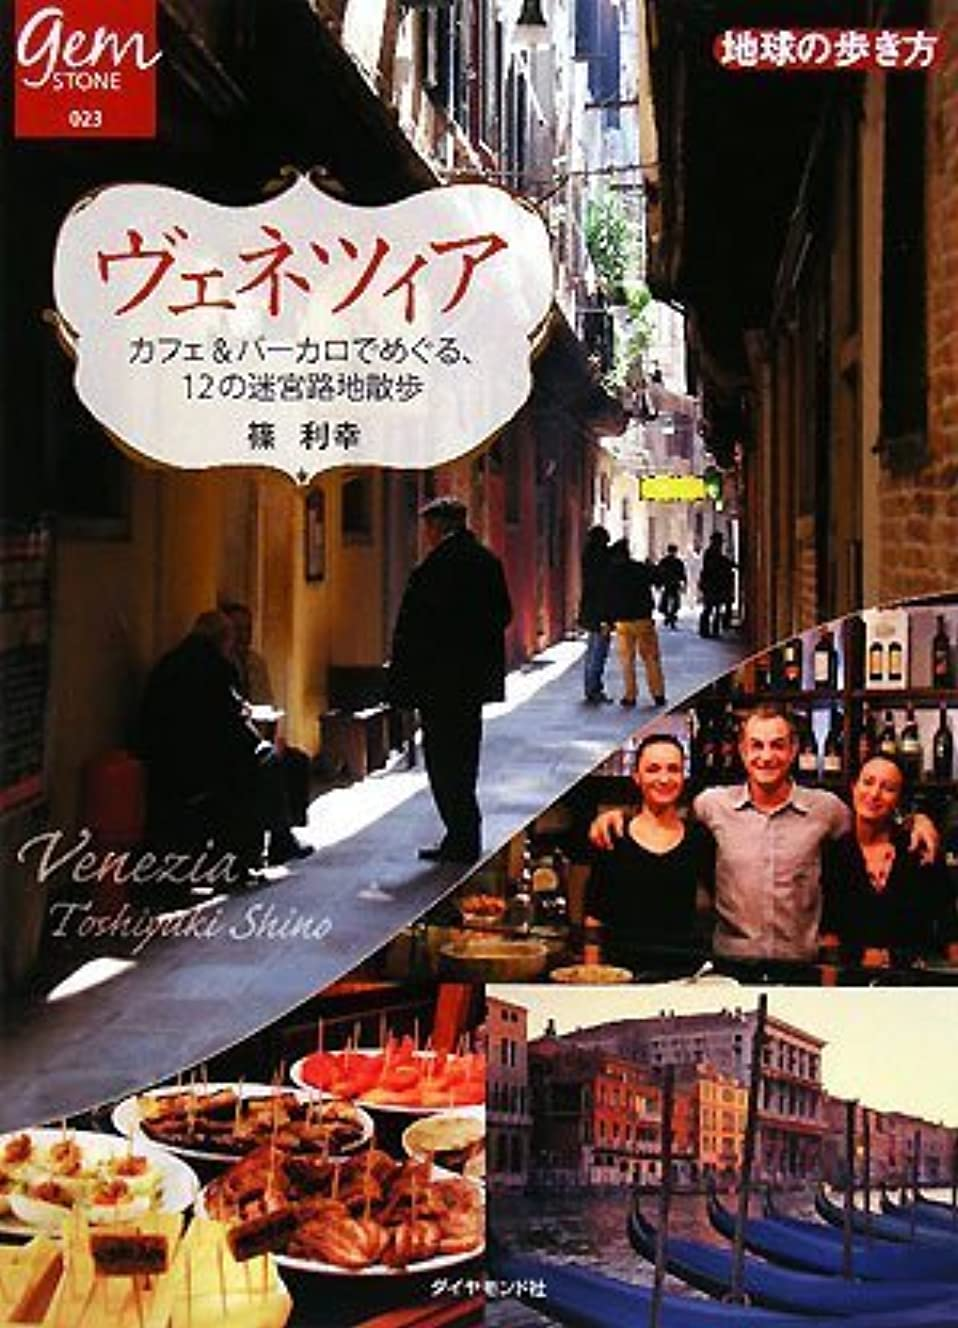 変換指お金ヴェネツィア  ̄カフェ&バーカロでめぐる、12の迷宮路地散歩 (地球の歩き方 GEM STONE 23)